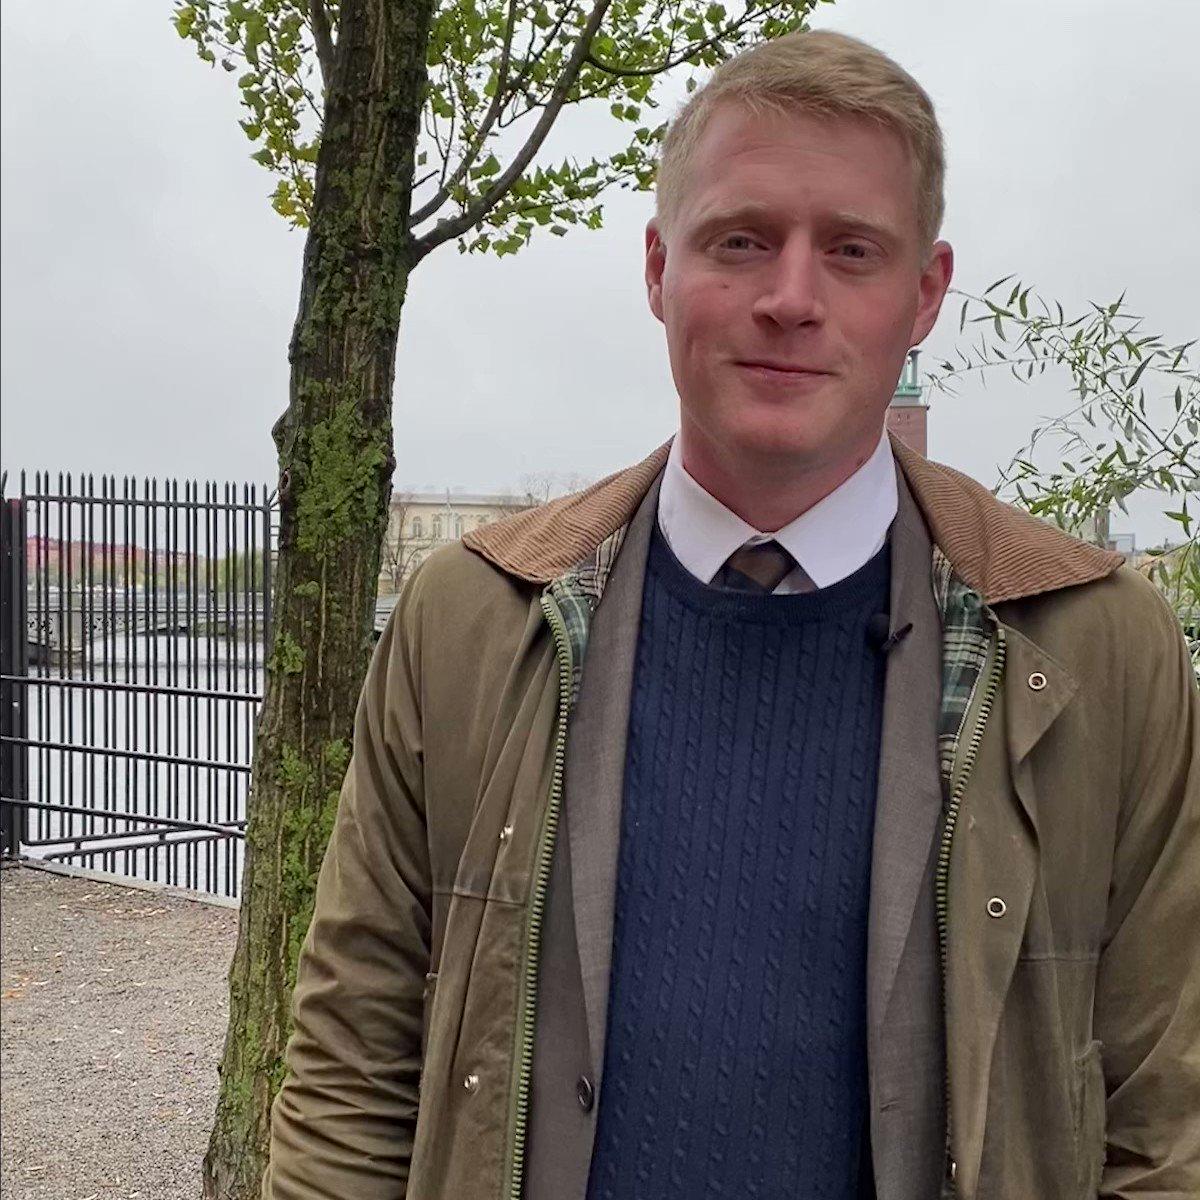 Jobba med hållbarhet och sänkta utsläpp står högst på agendan när nyvalde ordföranden i Nordiska rådets hållbarhetsutskott @magnusaek @MittengruppenNR ska peka ut vad som är viktigast i det nordiska samarbetet inför #nrsession 1-4.11 i Köpenhamn https://t.co/JZUyhOEqmB #nrpol https://t.co/rGu3wnhtXn